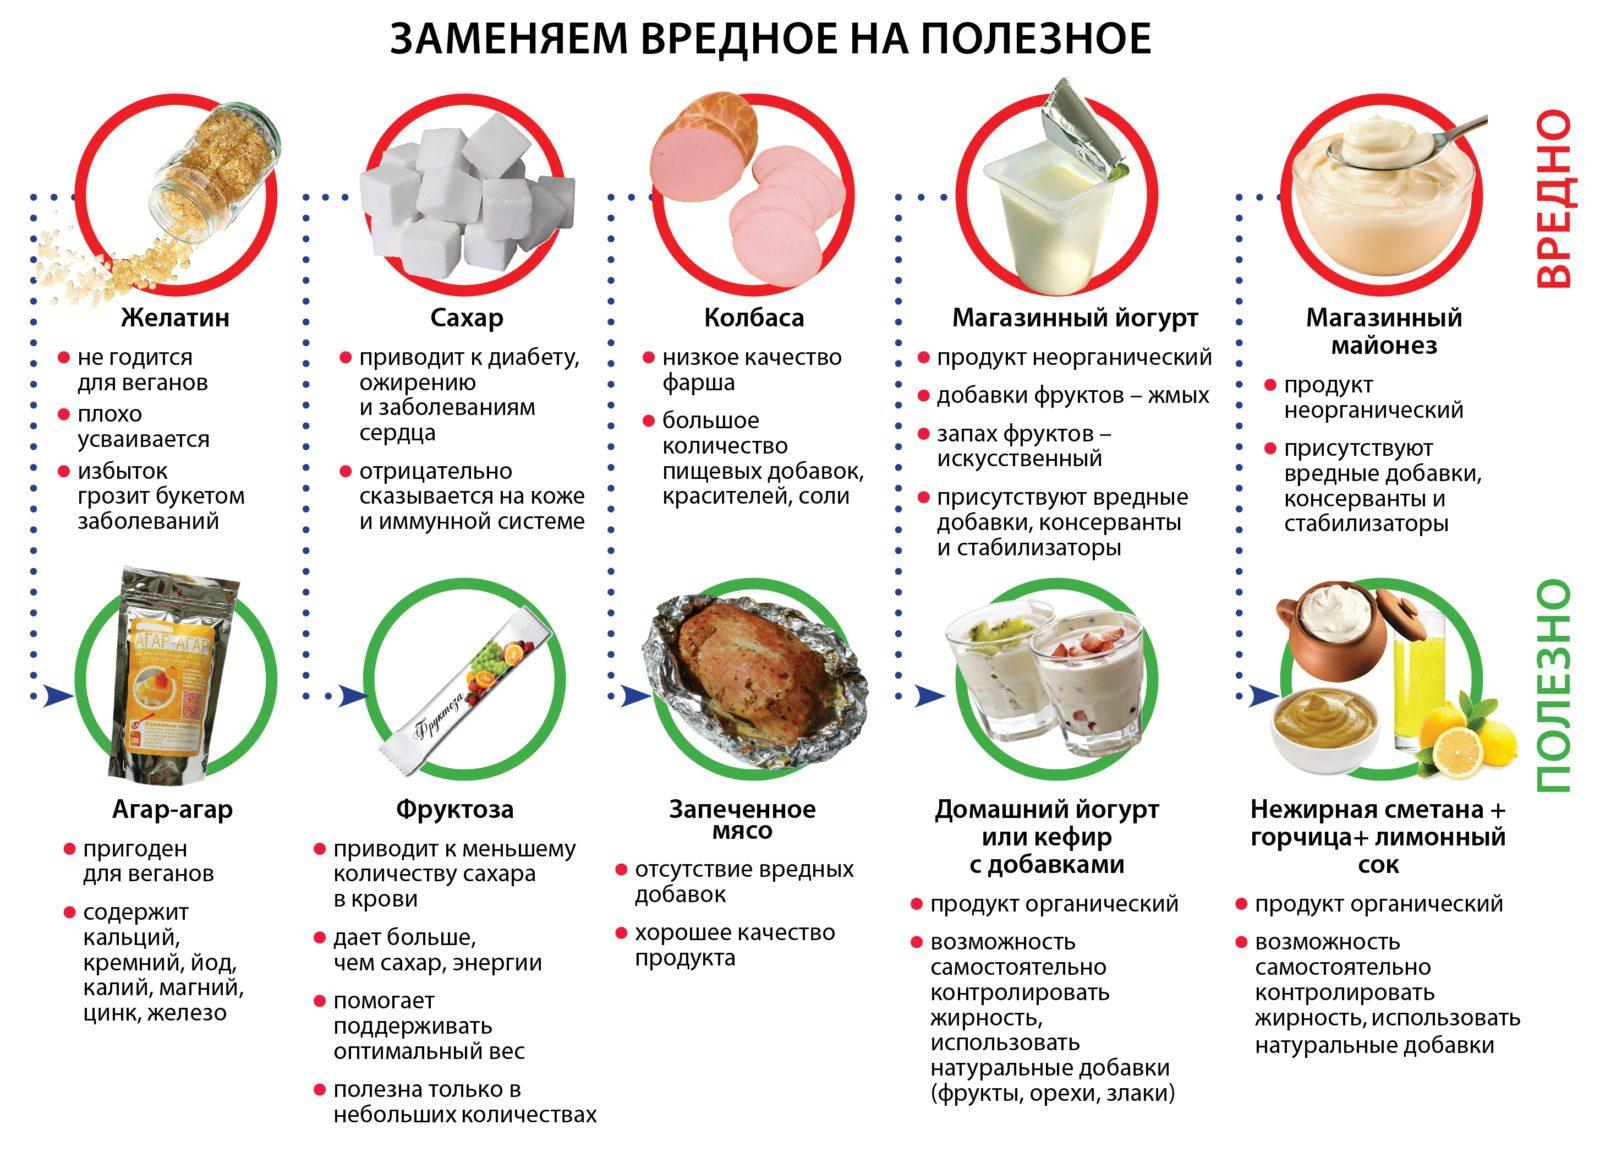 таблица замены вредных продуктов на полезные